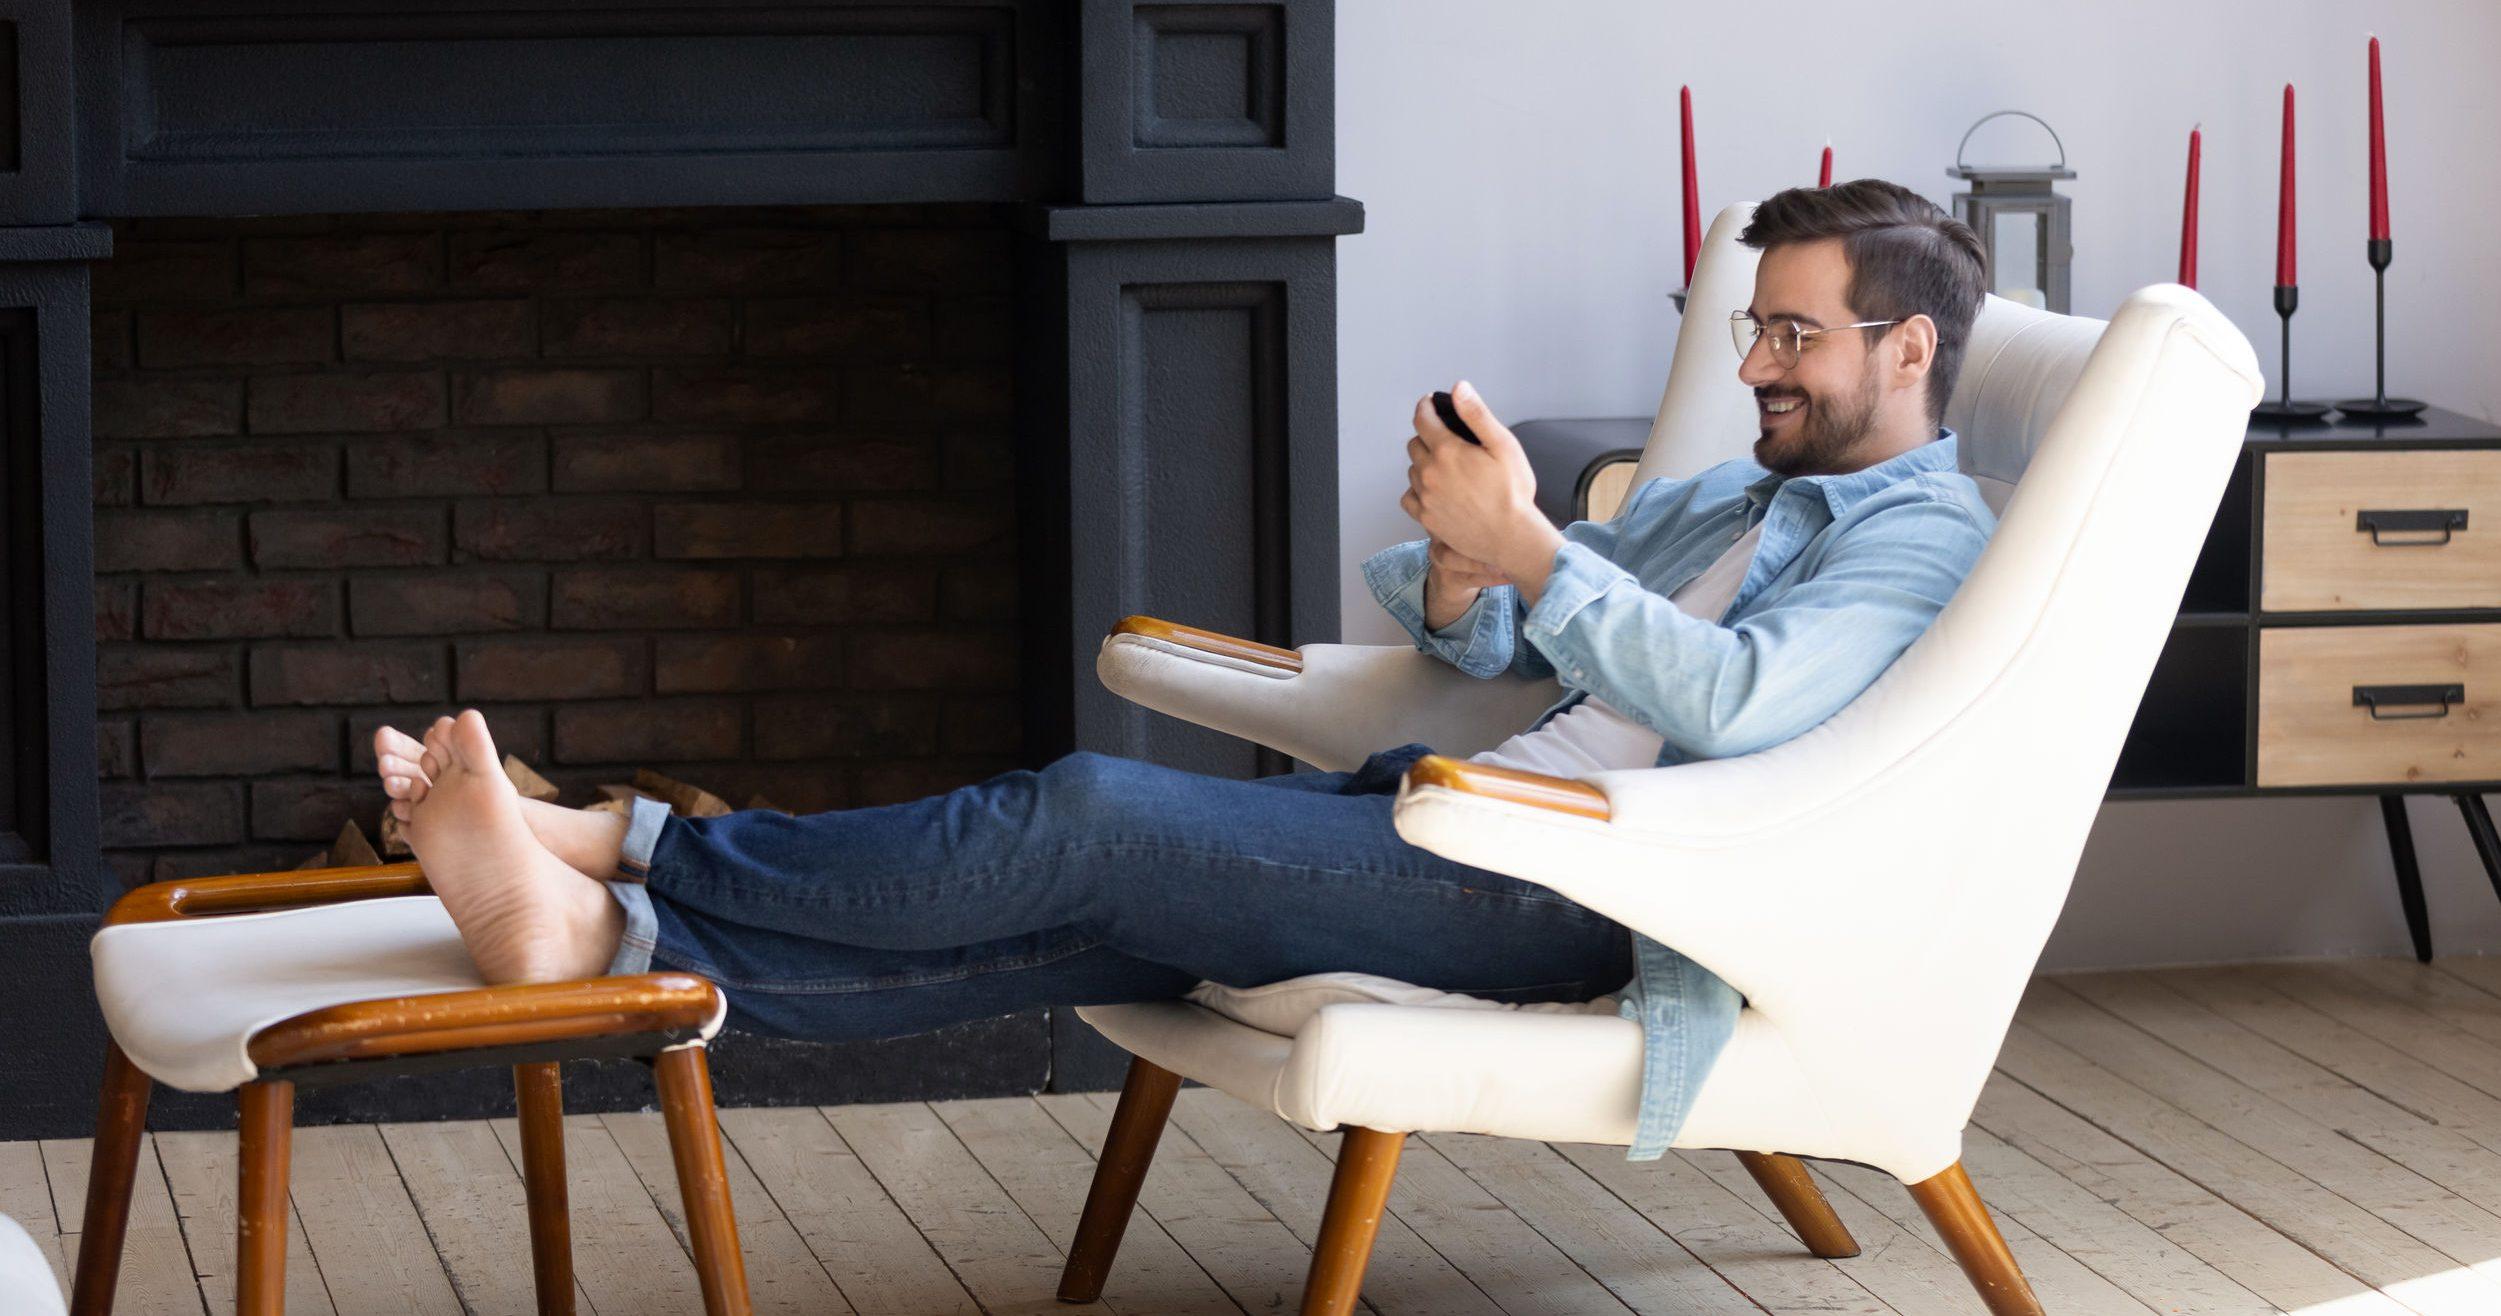 homem usando um apoio para os pés